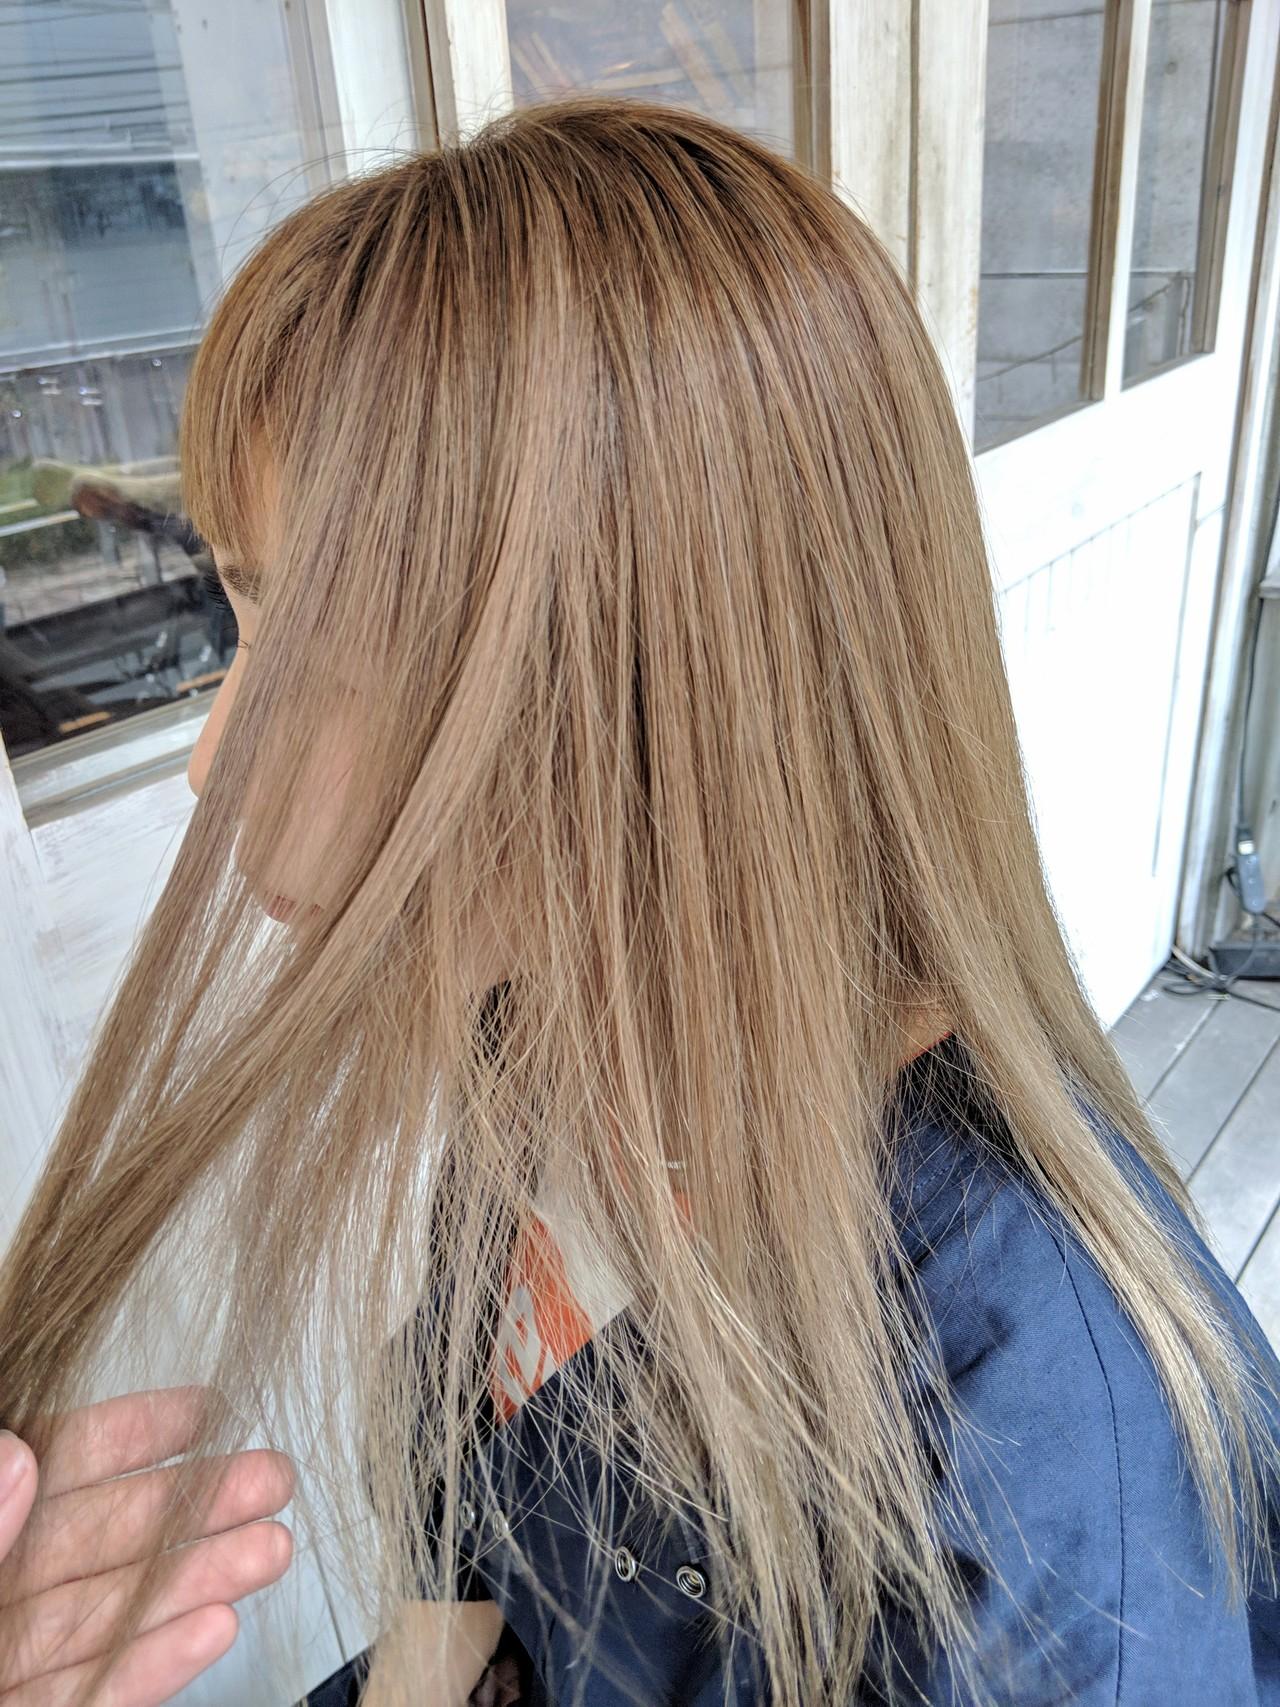 ハイトーン セミロング ベージュ ストリート ヘアスタイルや髪型の写真・画像 | HIFUMI / möwen